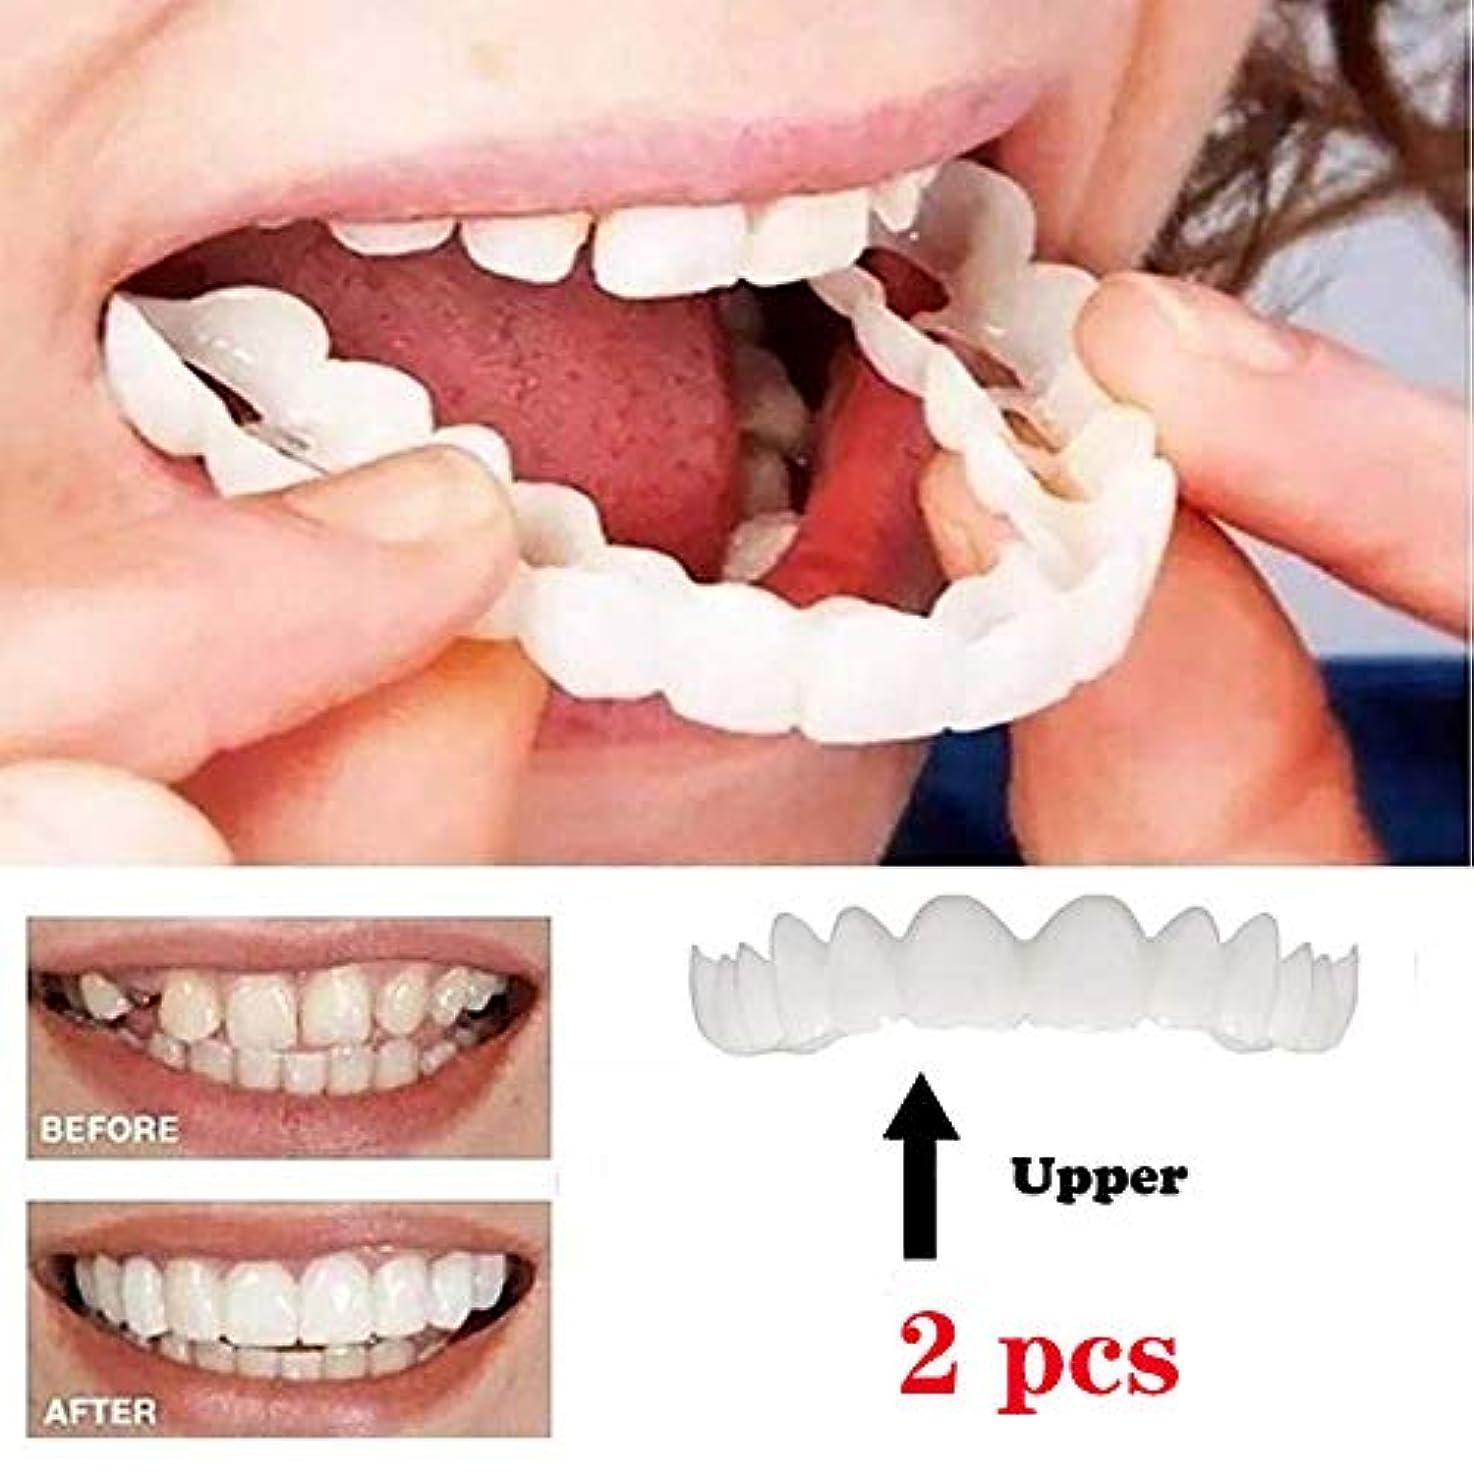 ブルジョン祈るクロス義歯歯科口腔ケア歯プラスチックホワイトニング義歯ワンサイズホワイトニング義歯シリコンアッパー偽歯カバーすべてにフィット(2個)